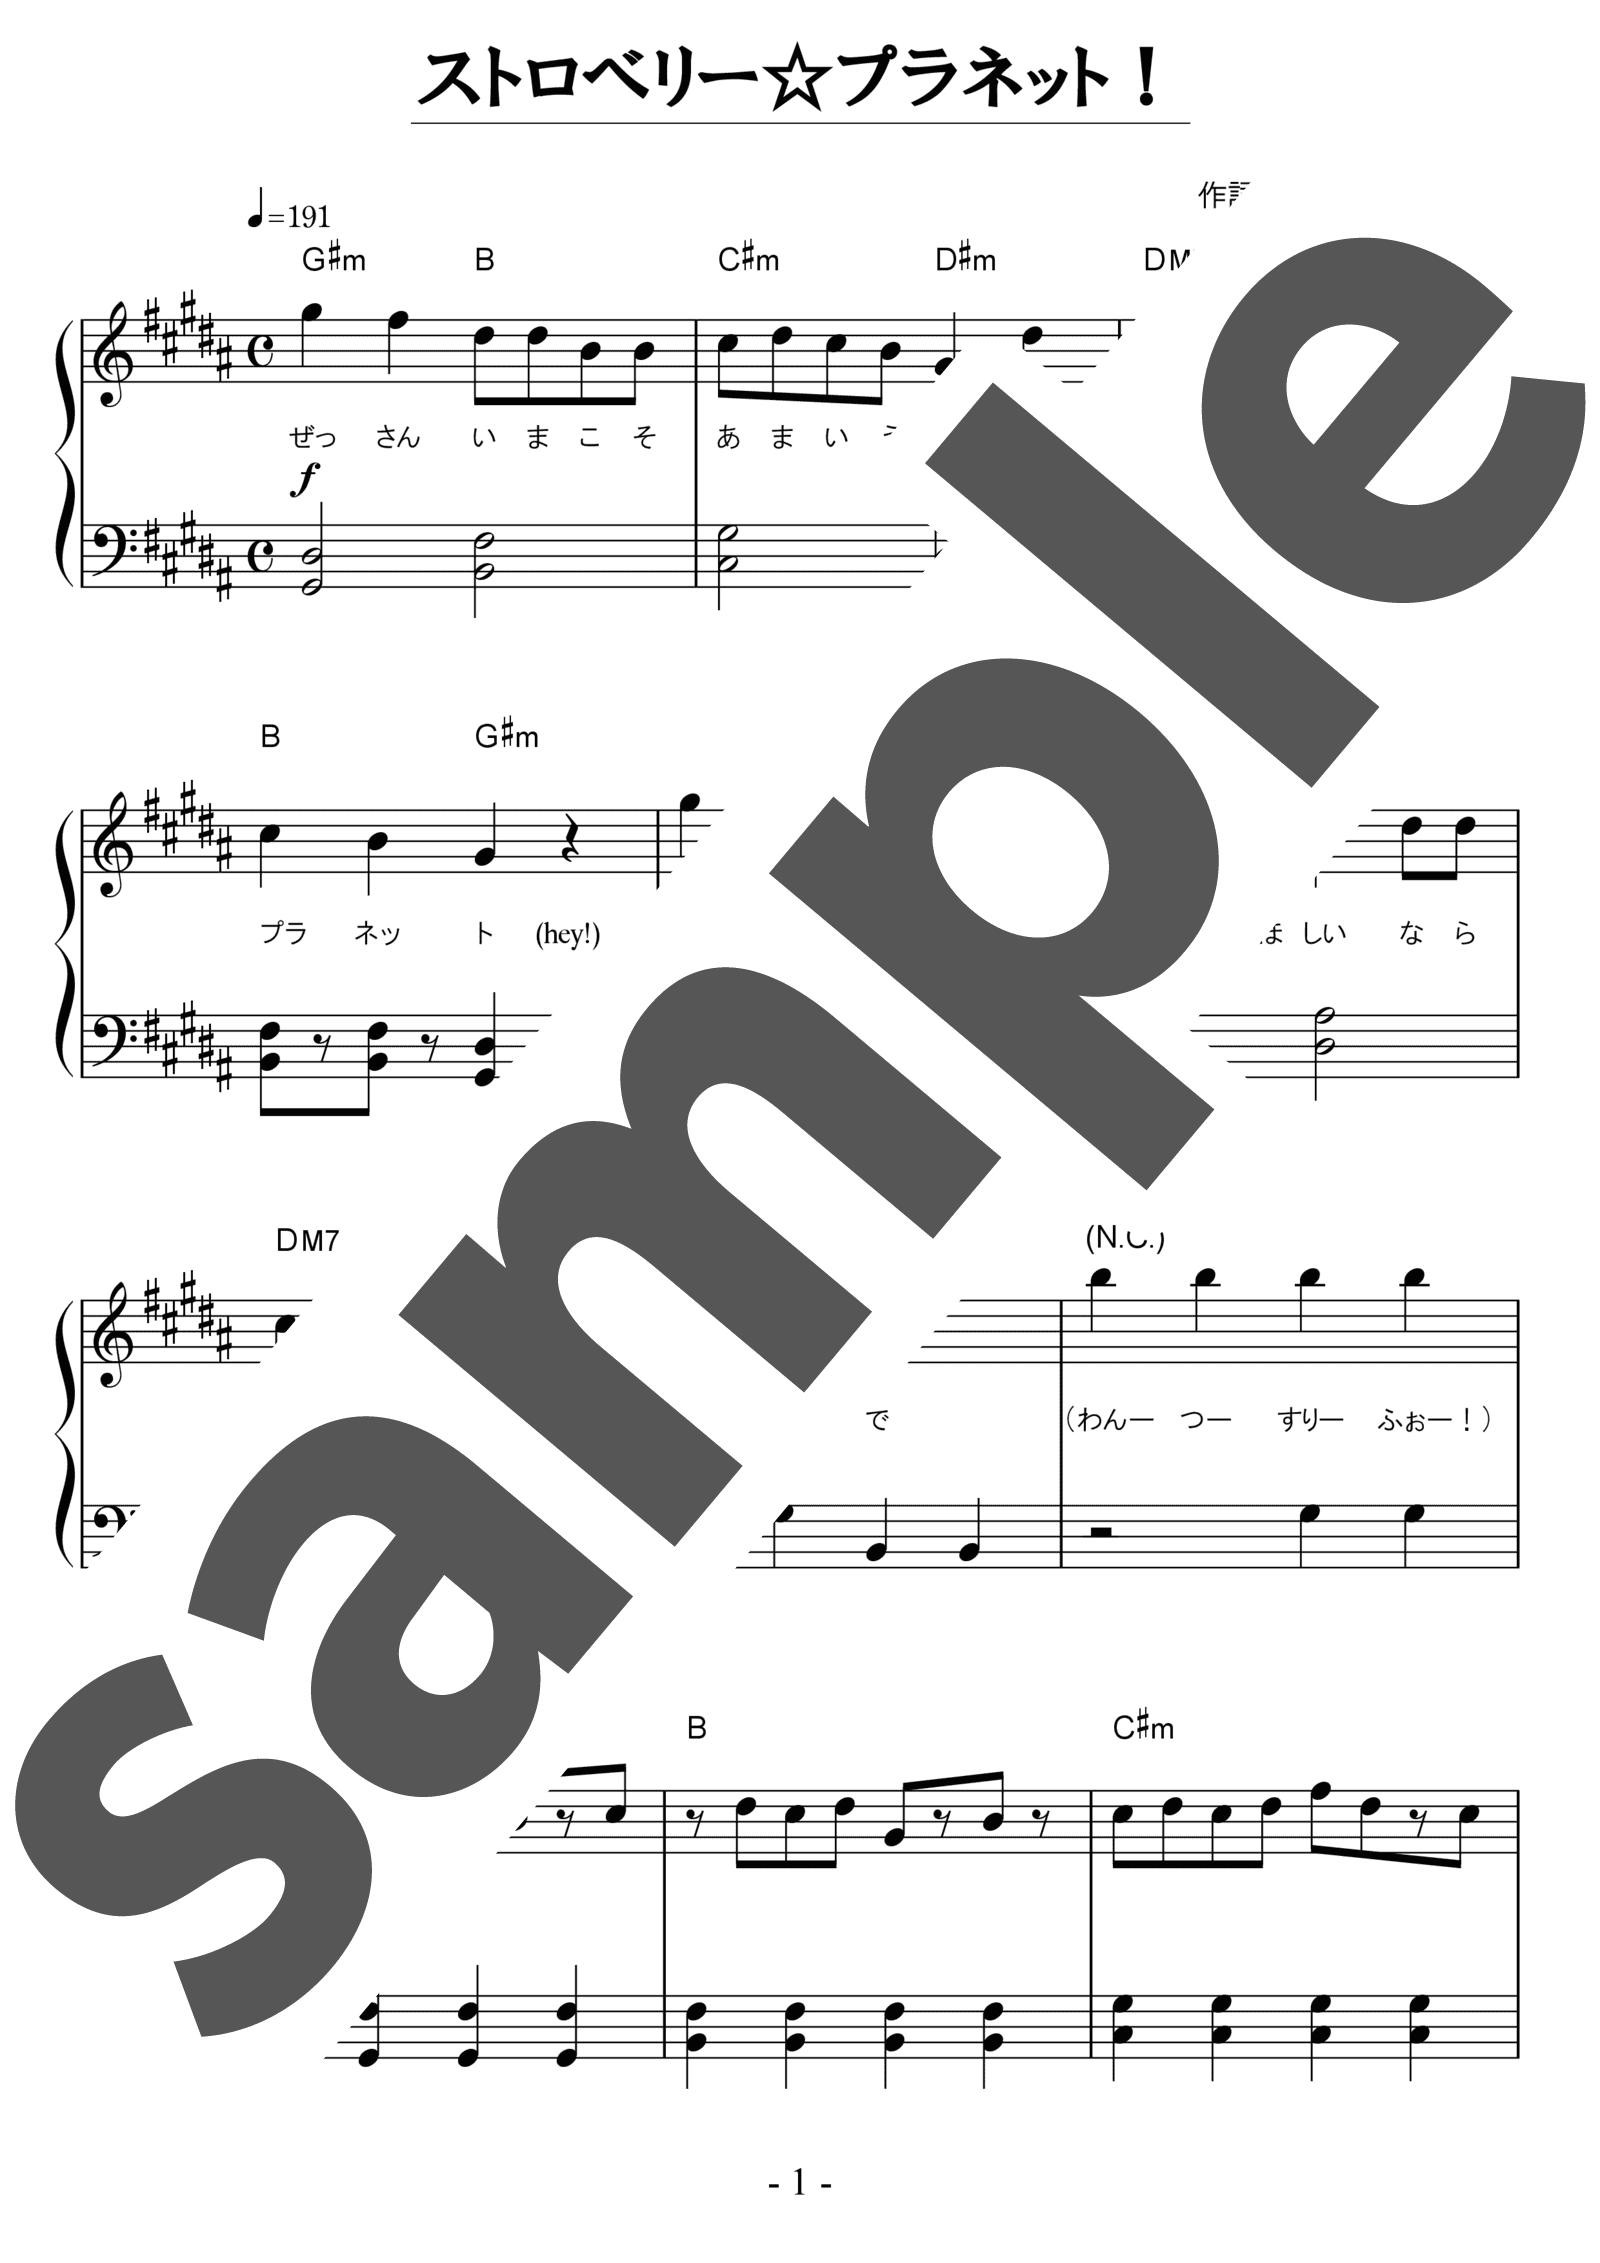 「ストロベリー☆プラネット!」のサンプル楽譜